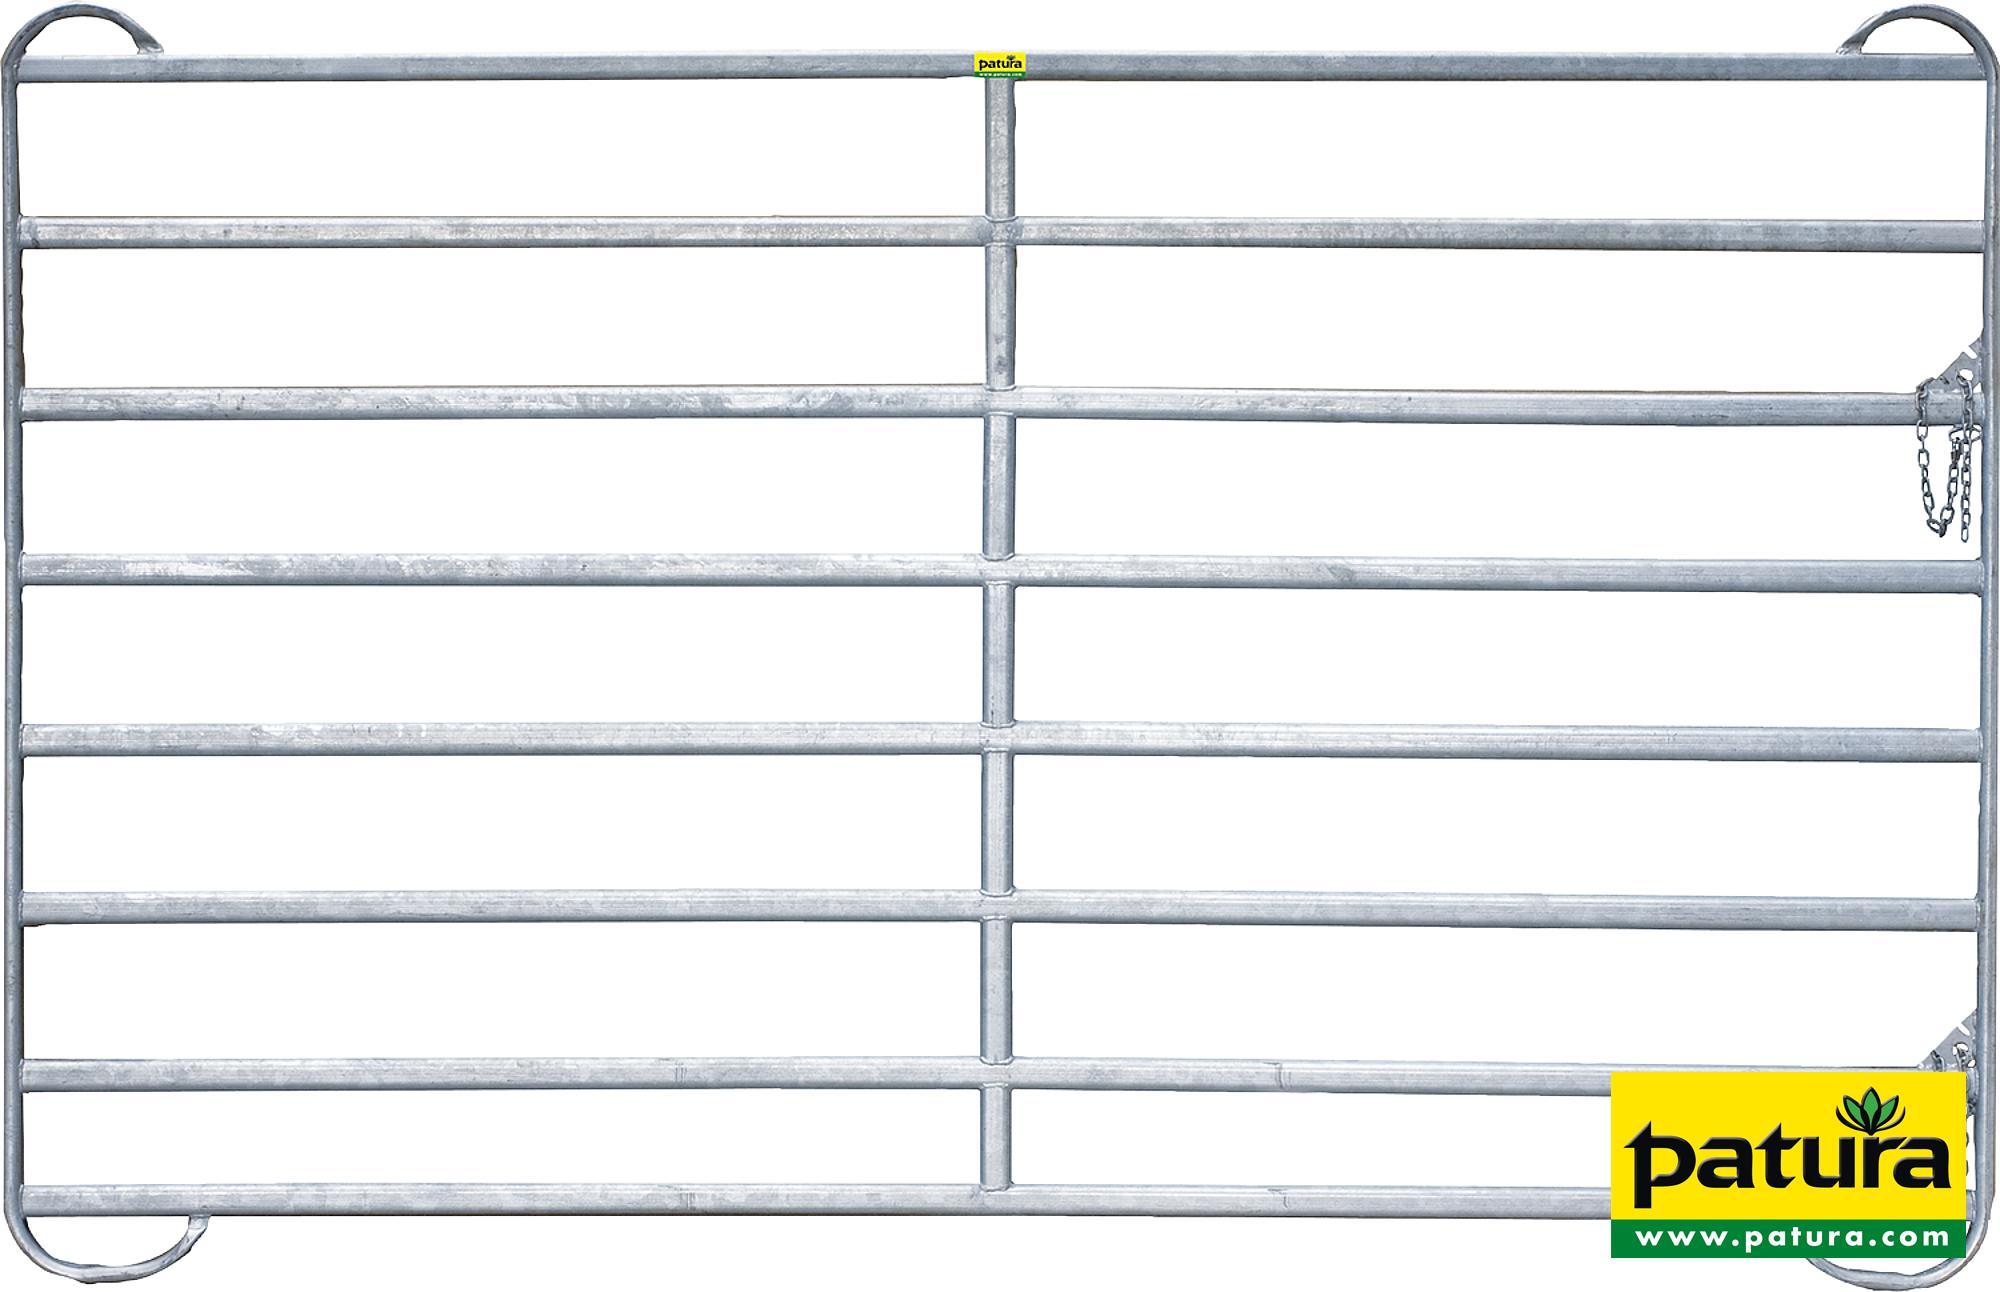 Panel-8, Länge 3,00m, H = 1,94 m